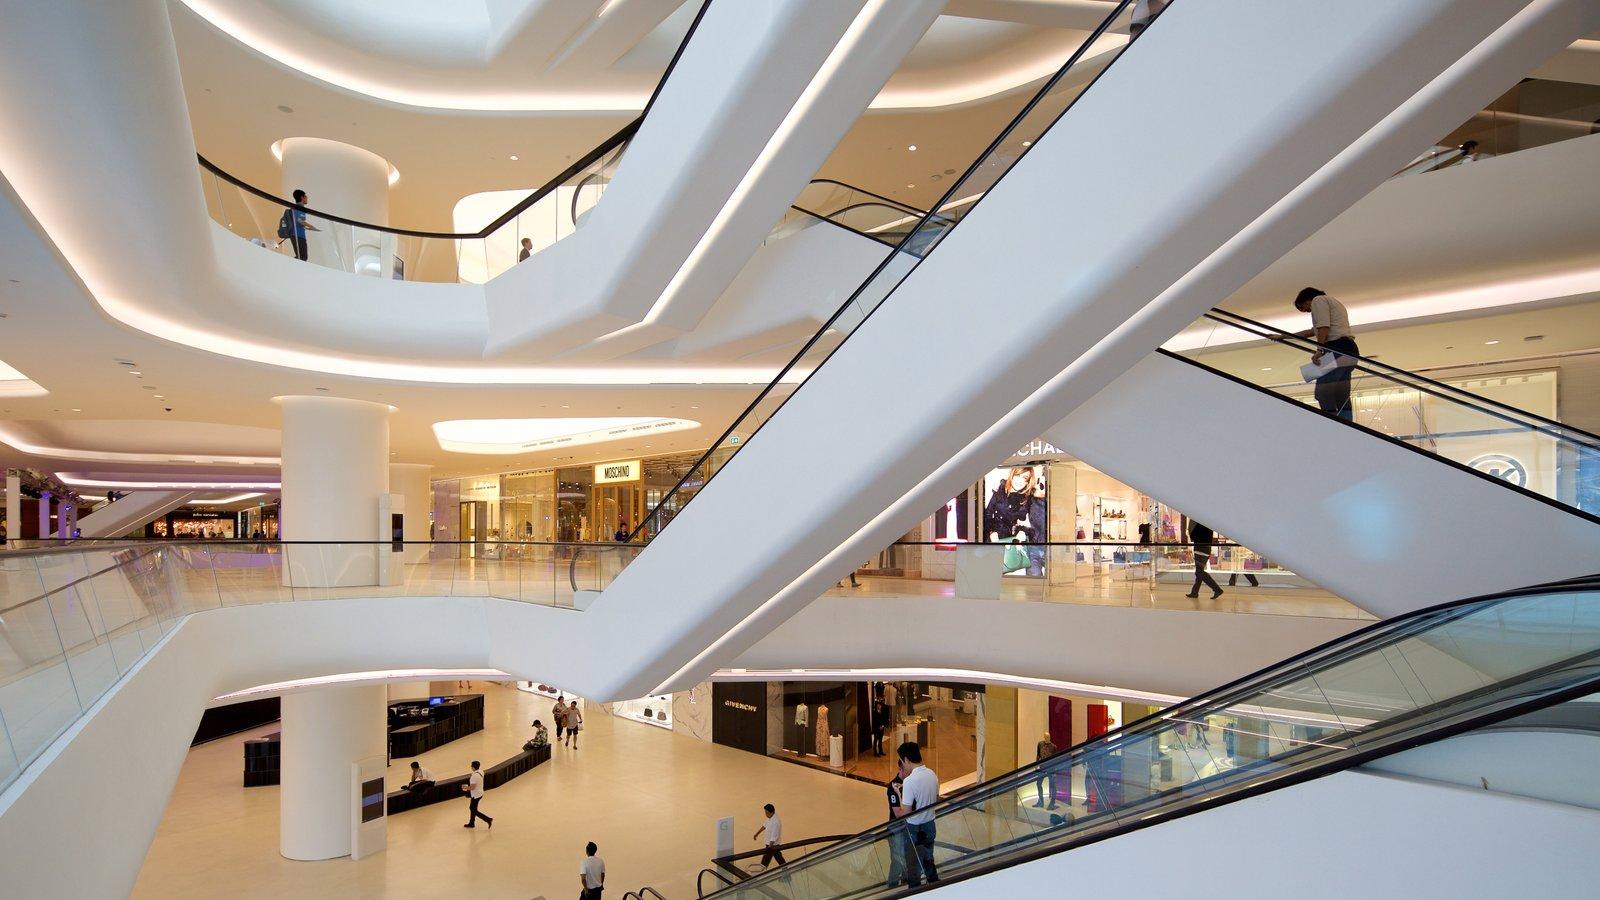 Sukhumvit showing interior views and modern architecture